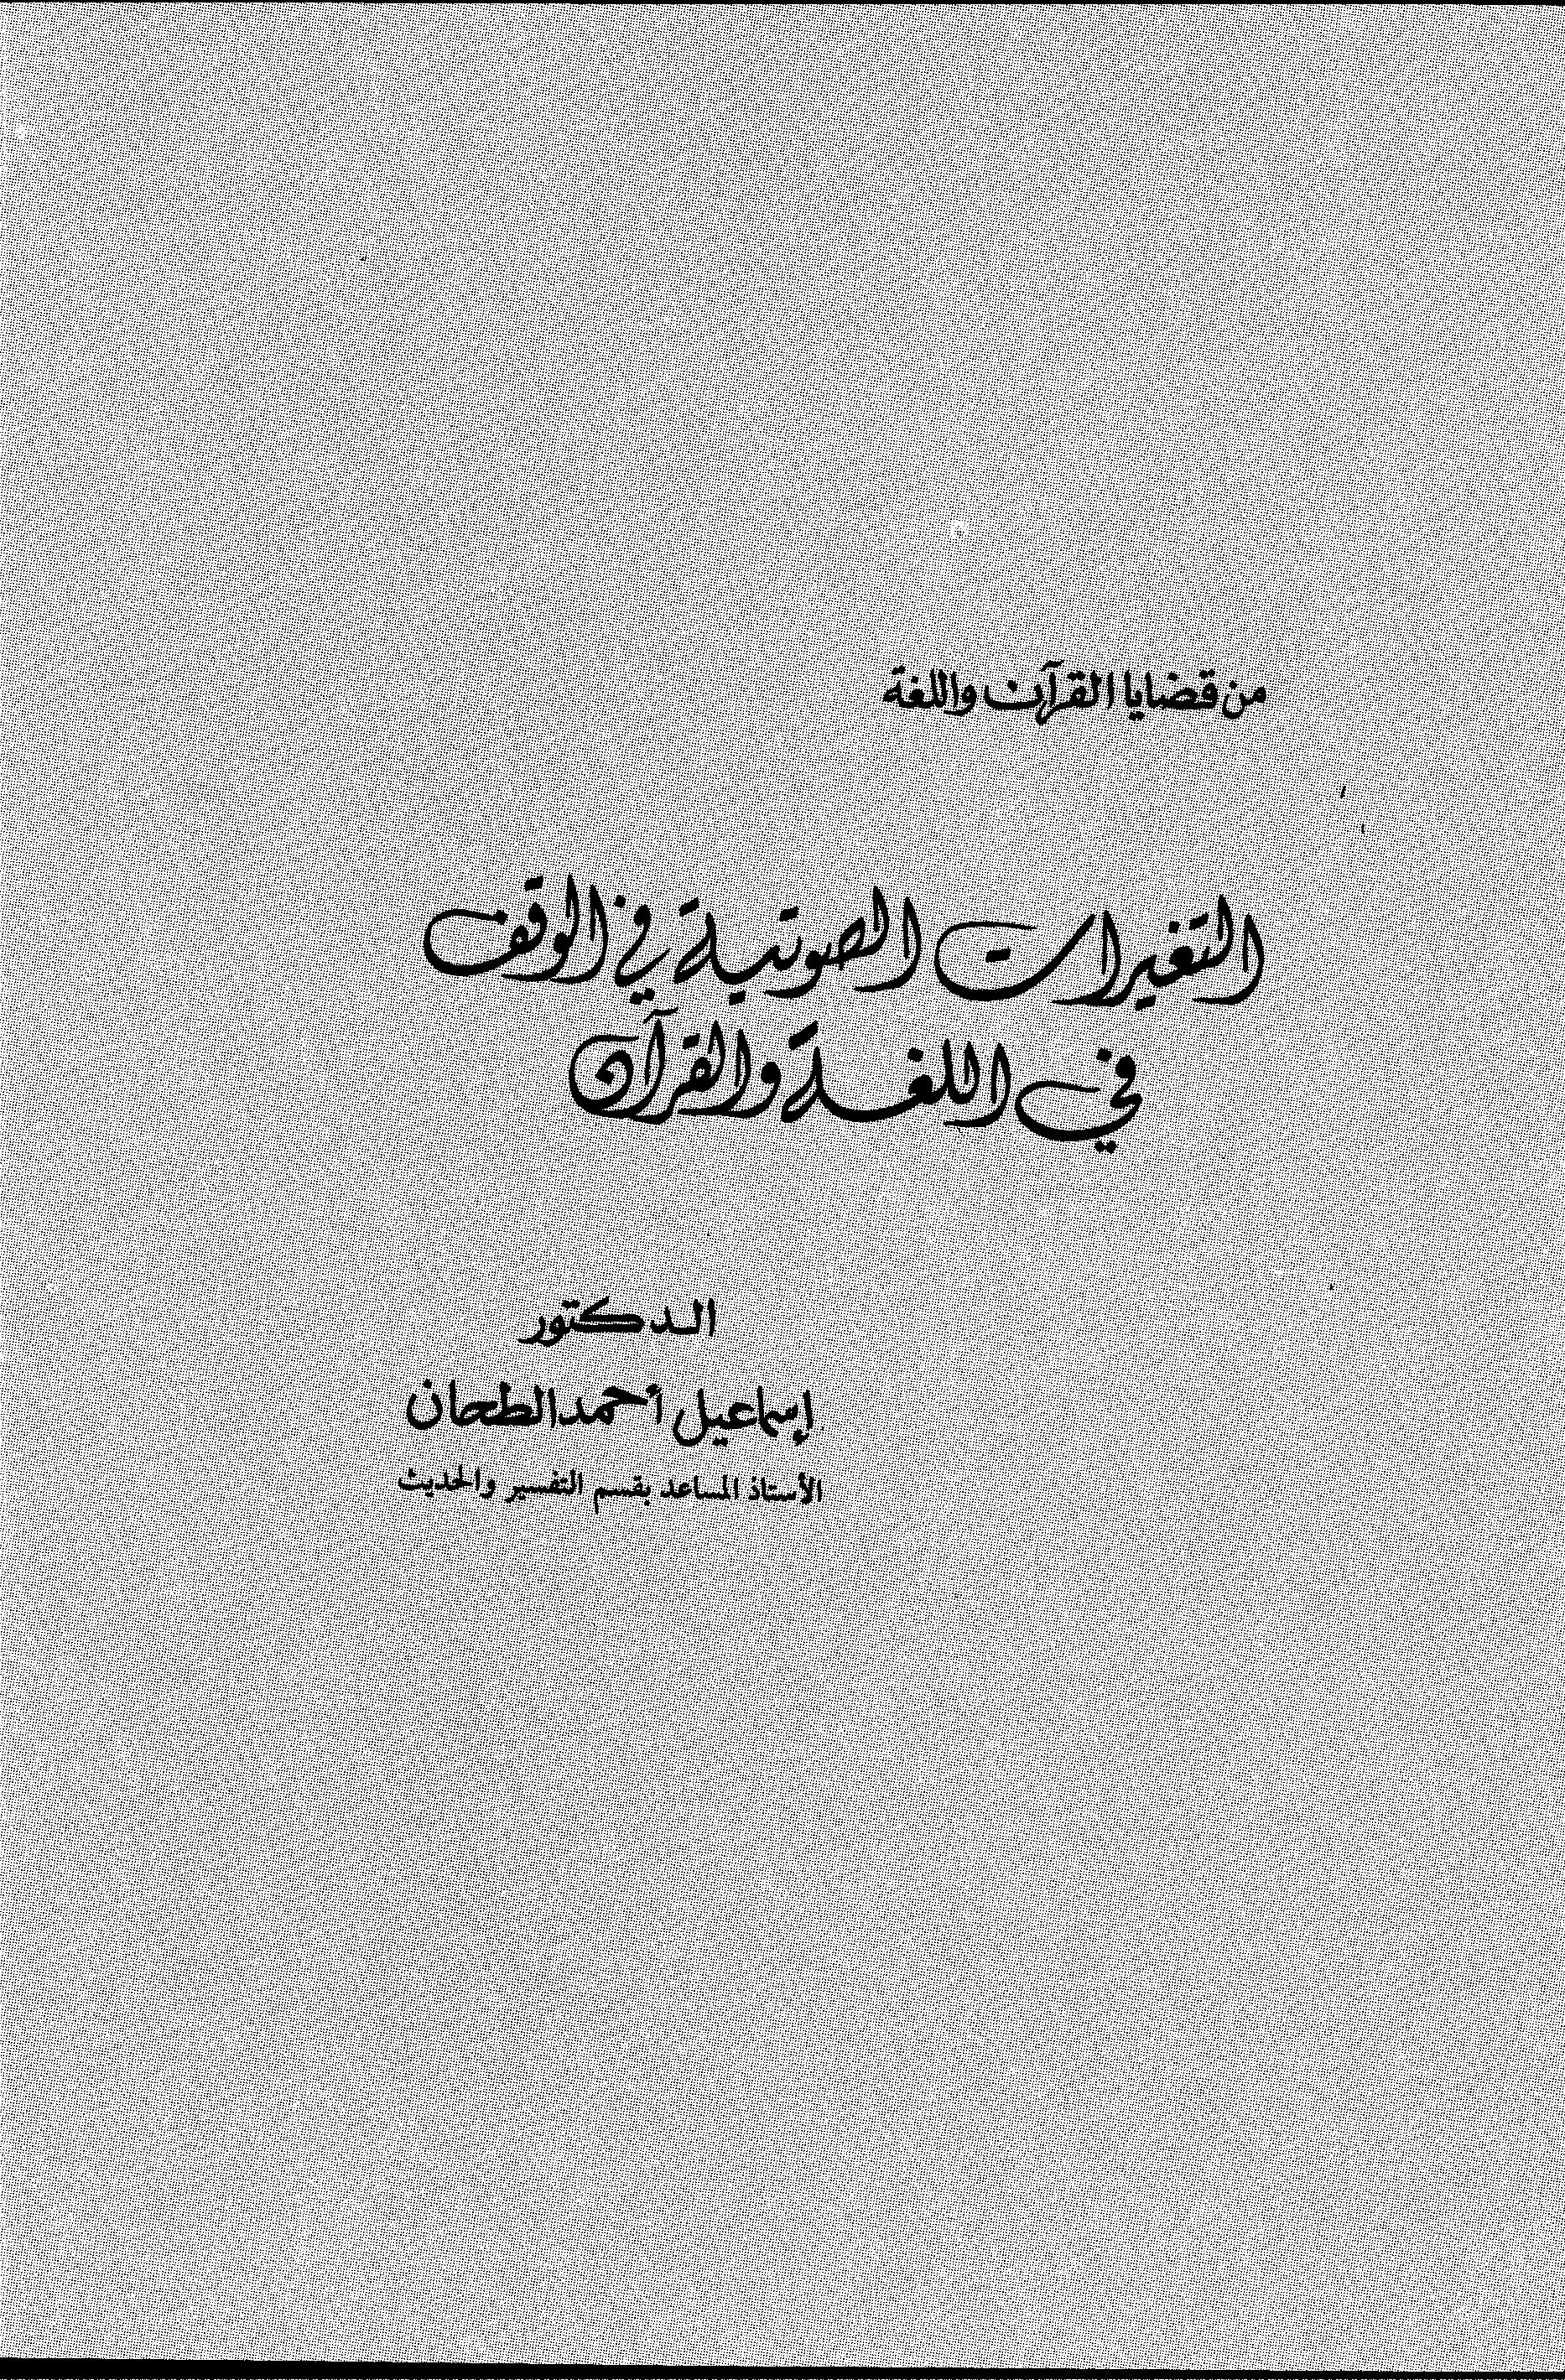 تحميل كتاب التغيرات الصوتية في الوقف في اللغة والقرآن لـِ: الدكتور إسماعيل أحمد الطحان